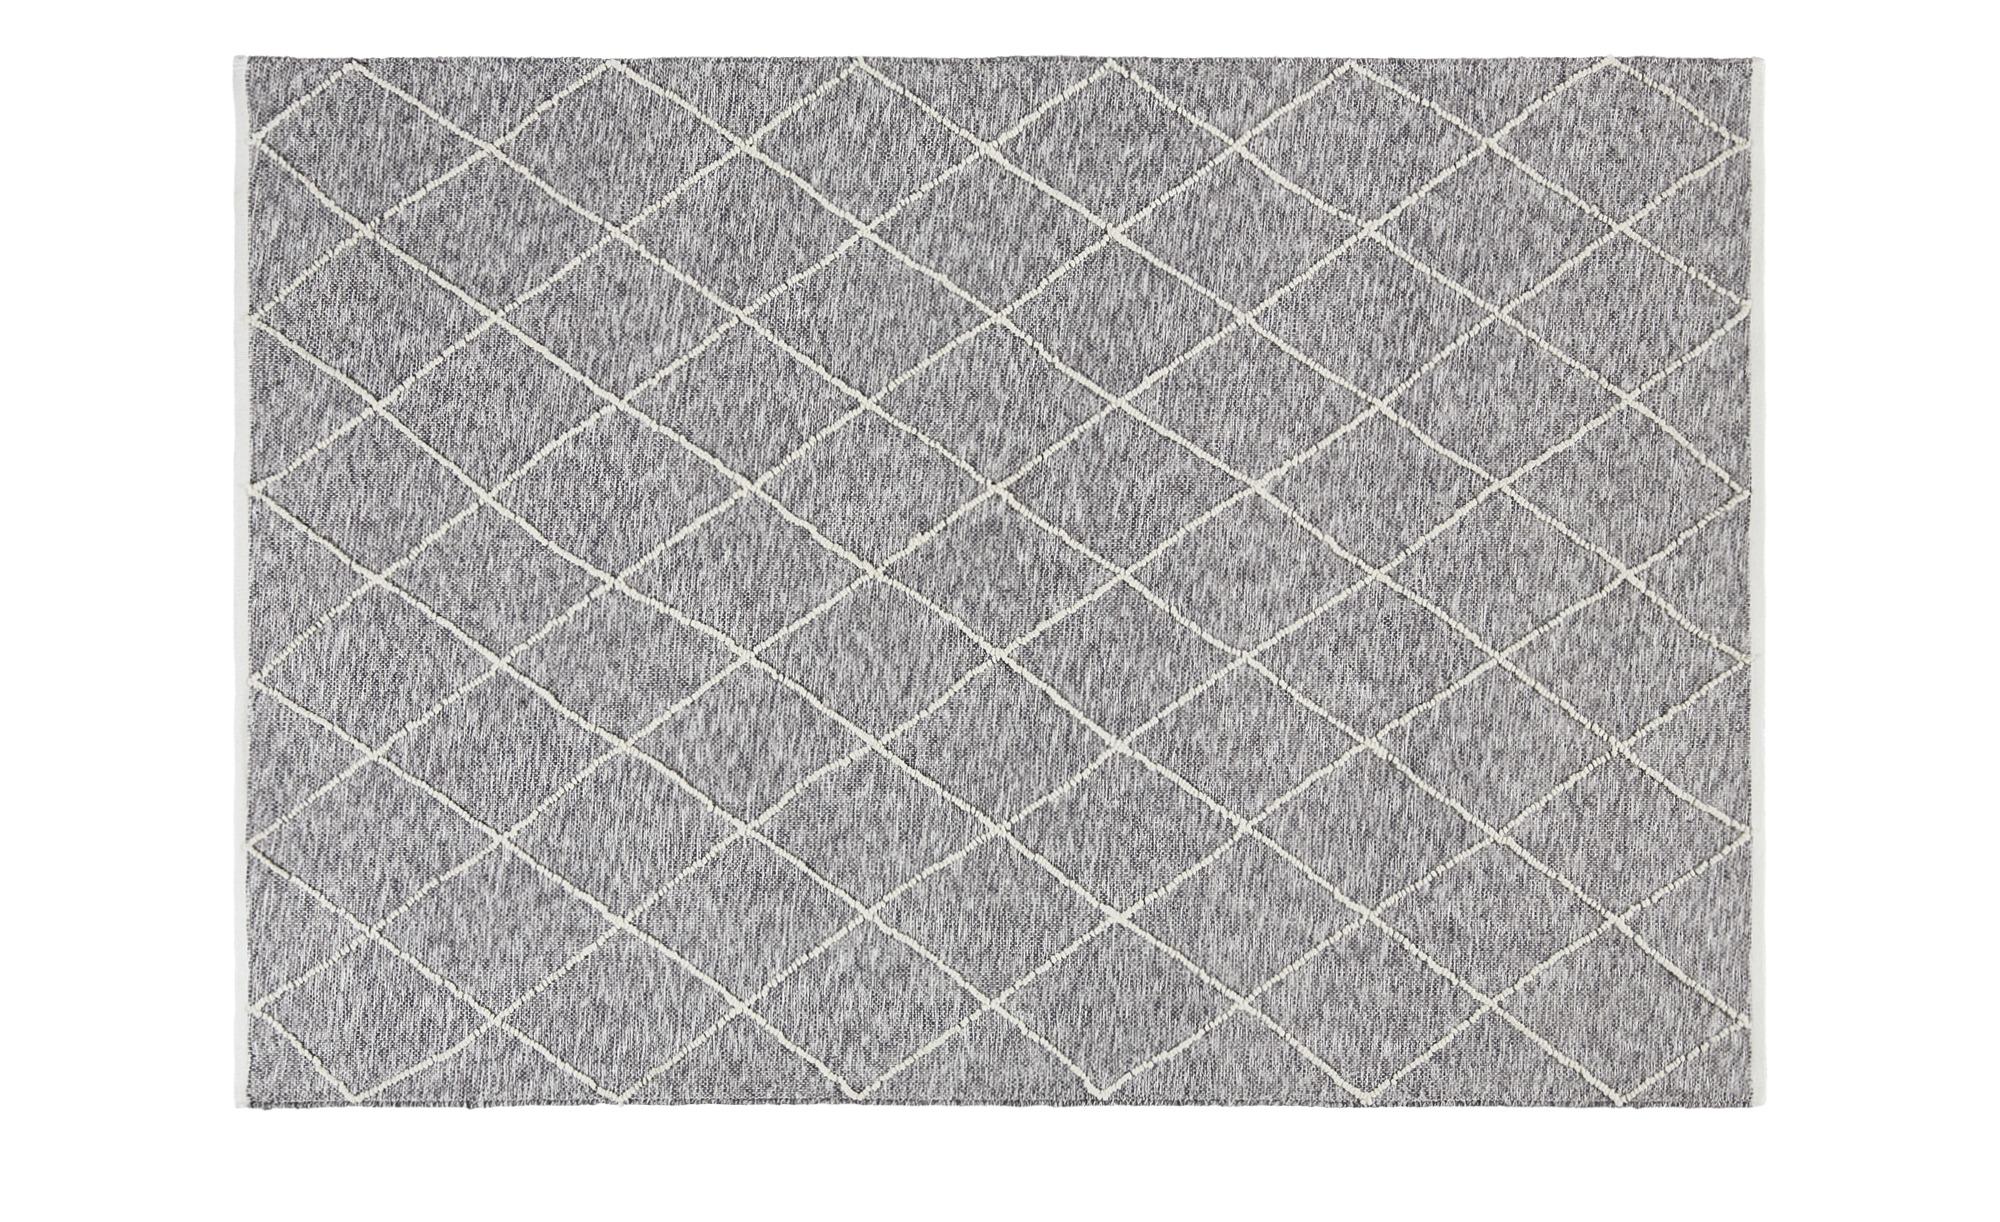 Handwebteppich  Pantin ¦ grau ¦ 100 % Baumwolle, Baumwolle ¦ Maße (cm): B: 170 Teppiche > Wohnteppiche - Höffner